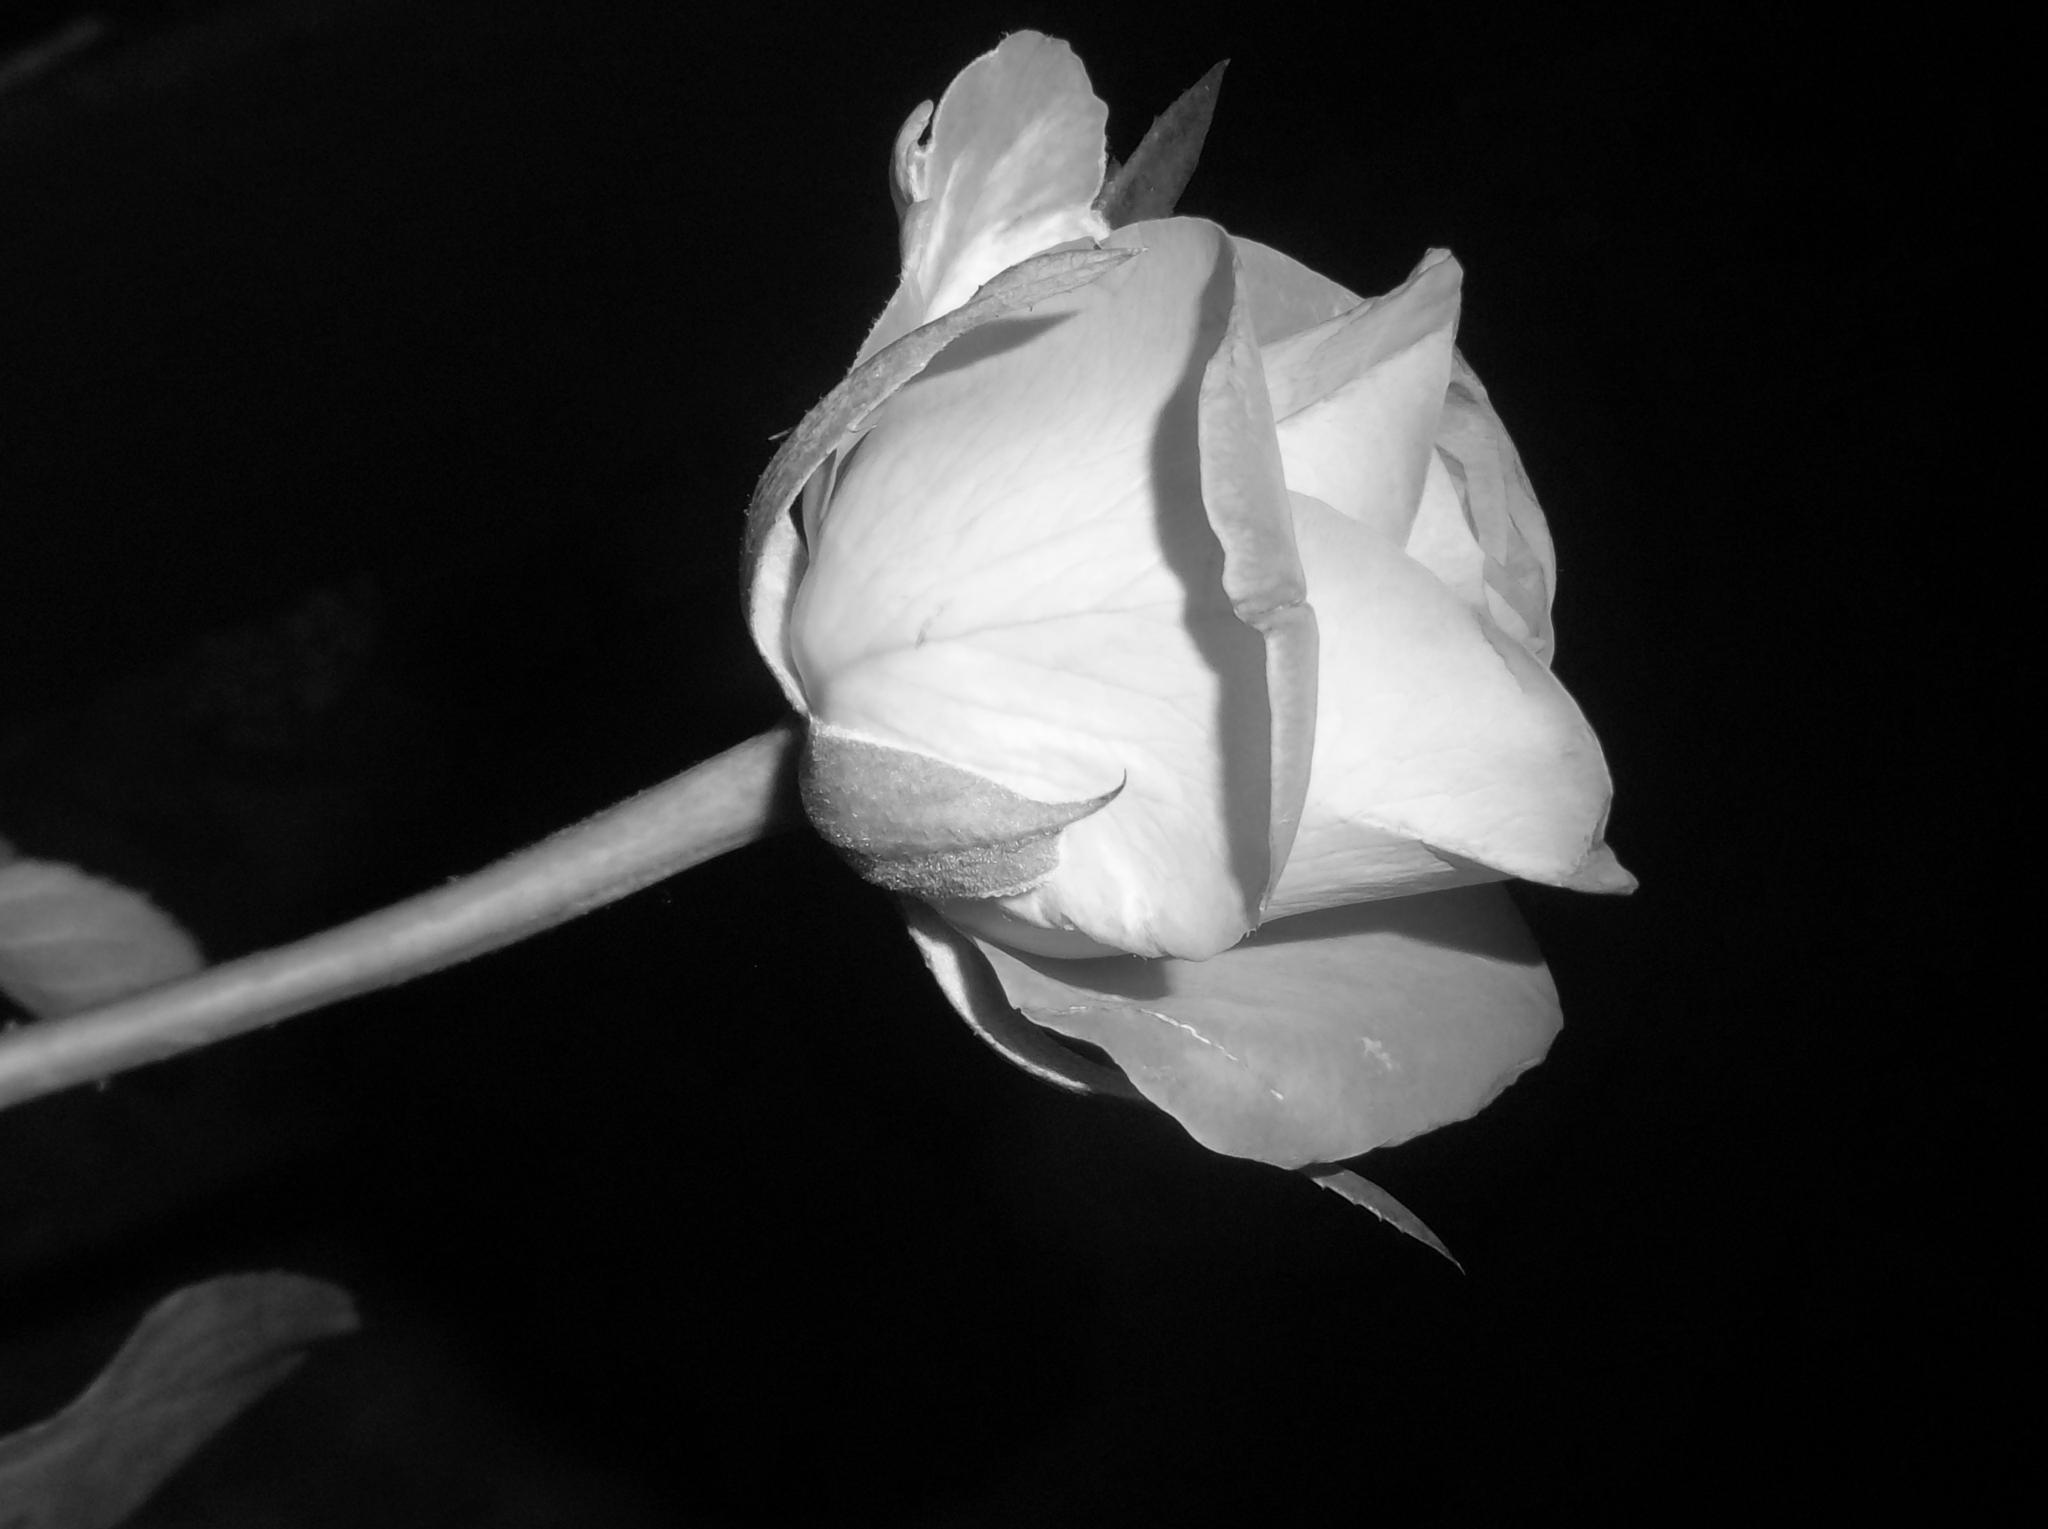 Rose by Zita Užkuraitienė